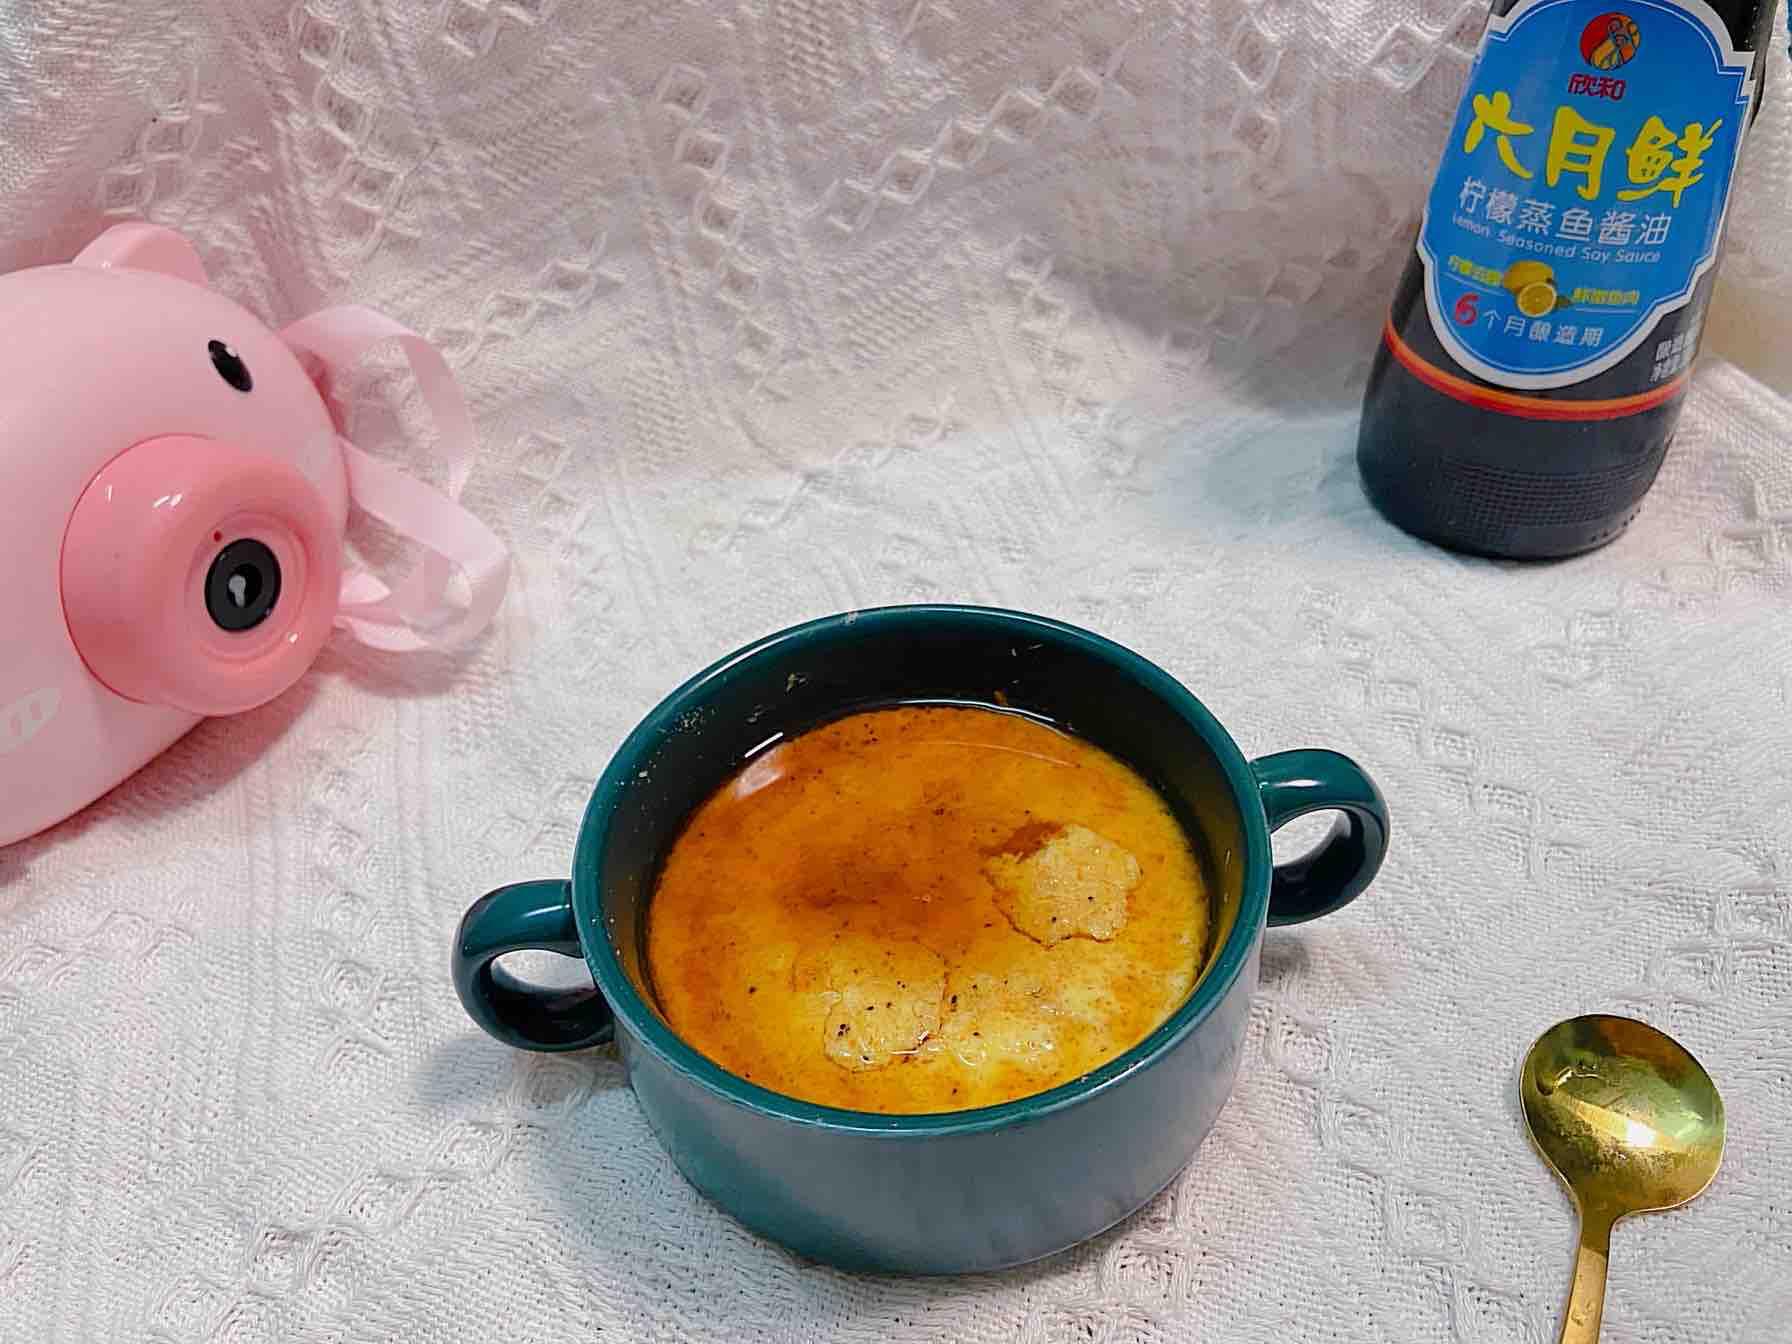 补钙长高食选推荐——虾皮蒸蛋的步骤